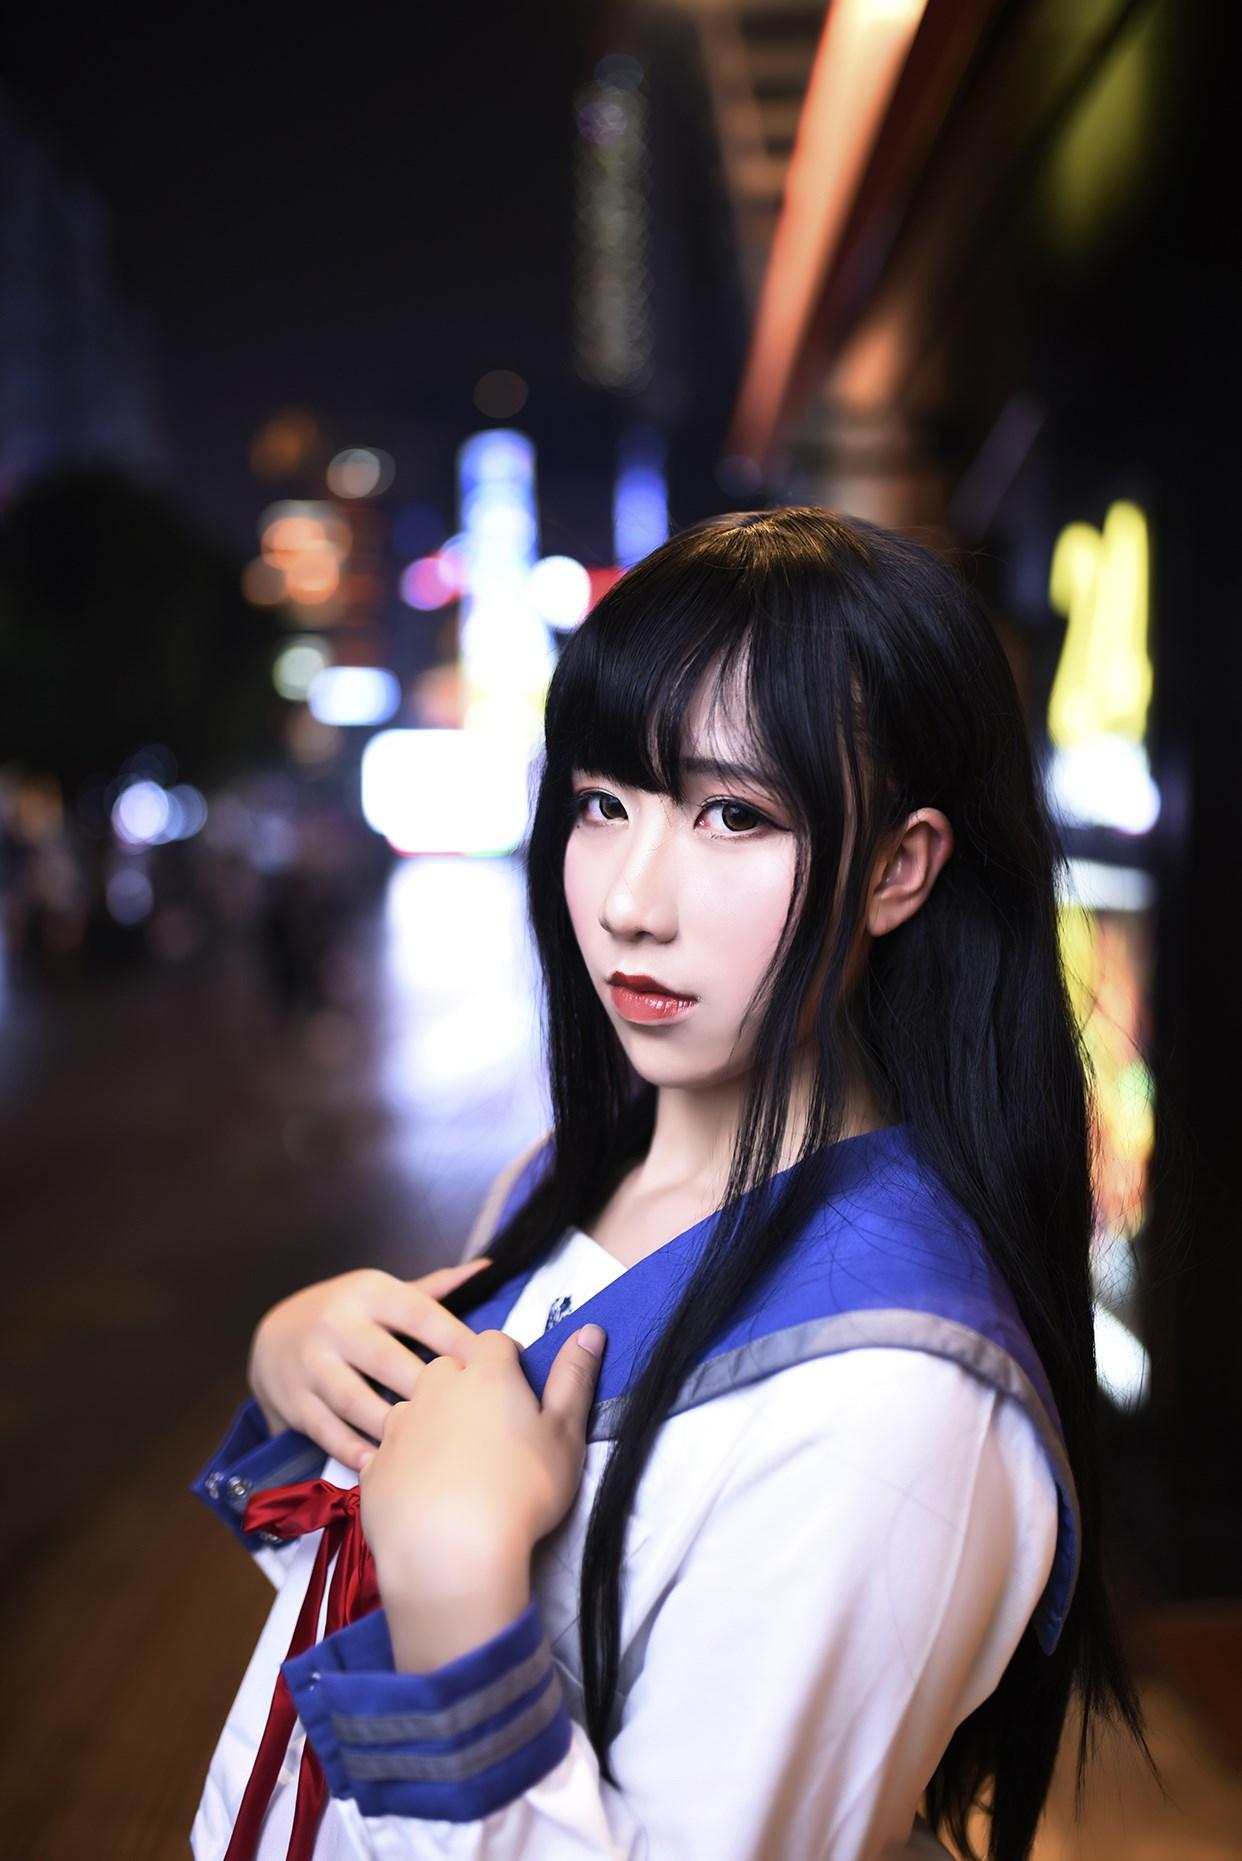 【兔玩映画】伞中少女 兔玩映画 第29张